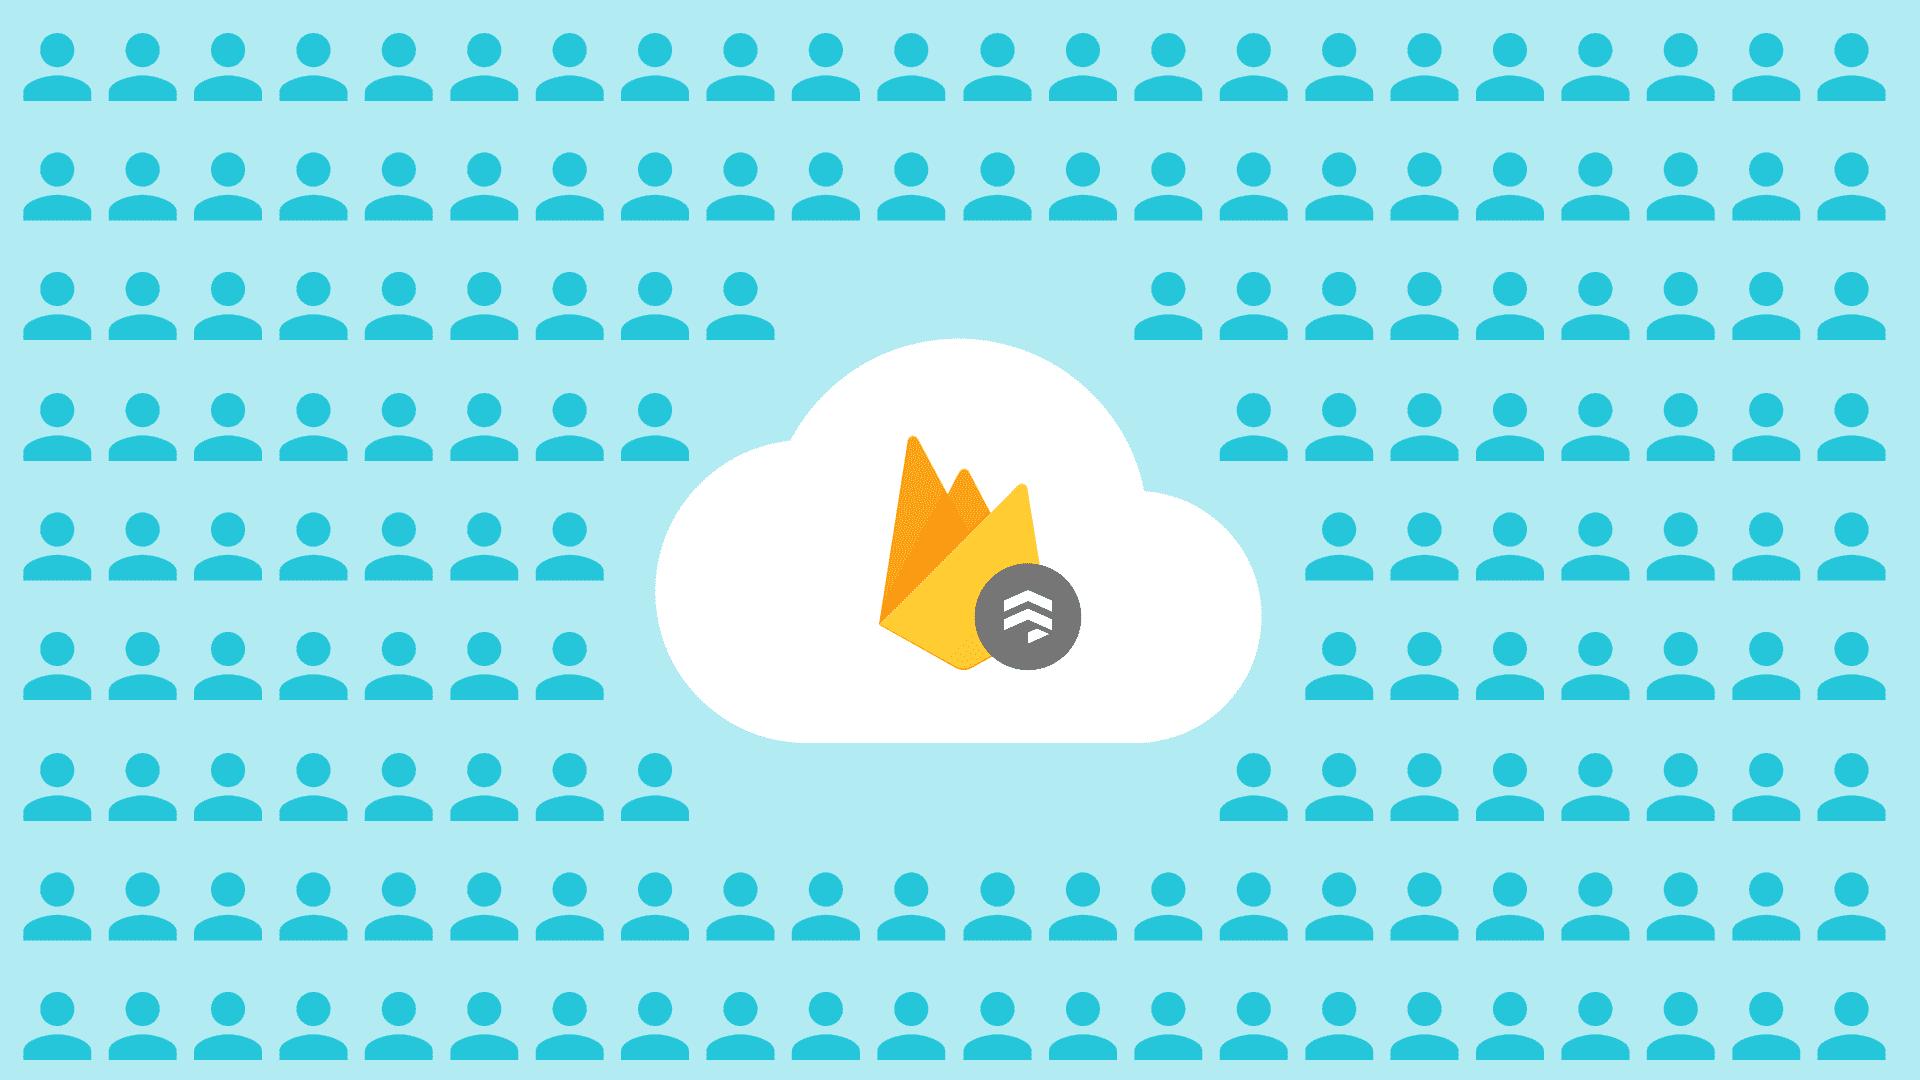 Illustration des Firebase Firestore-Logos und der Zuschauer